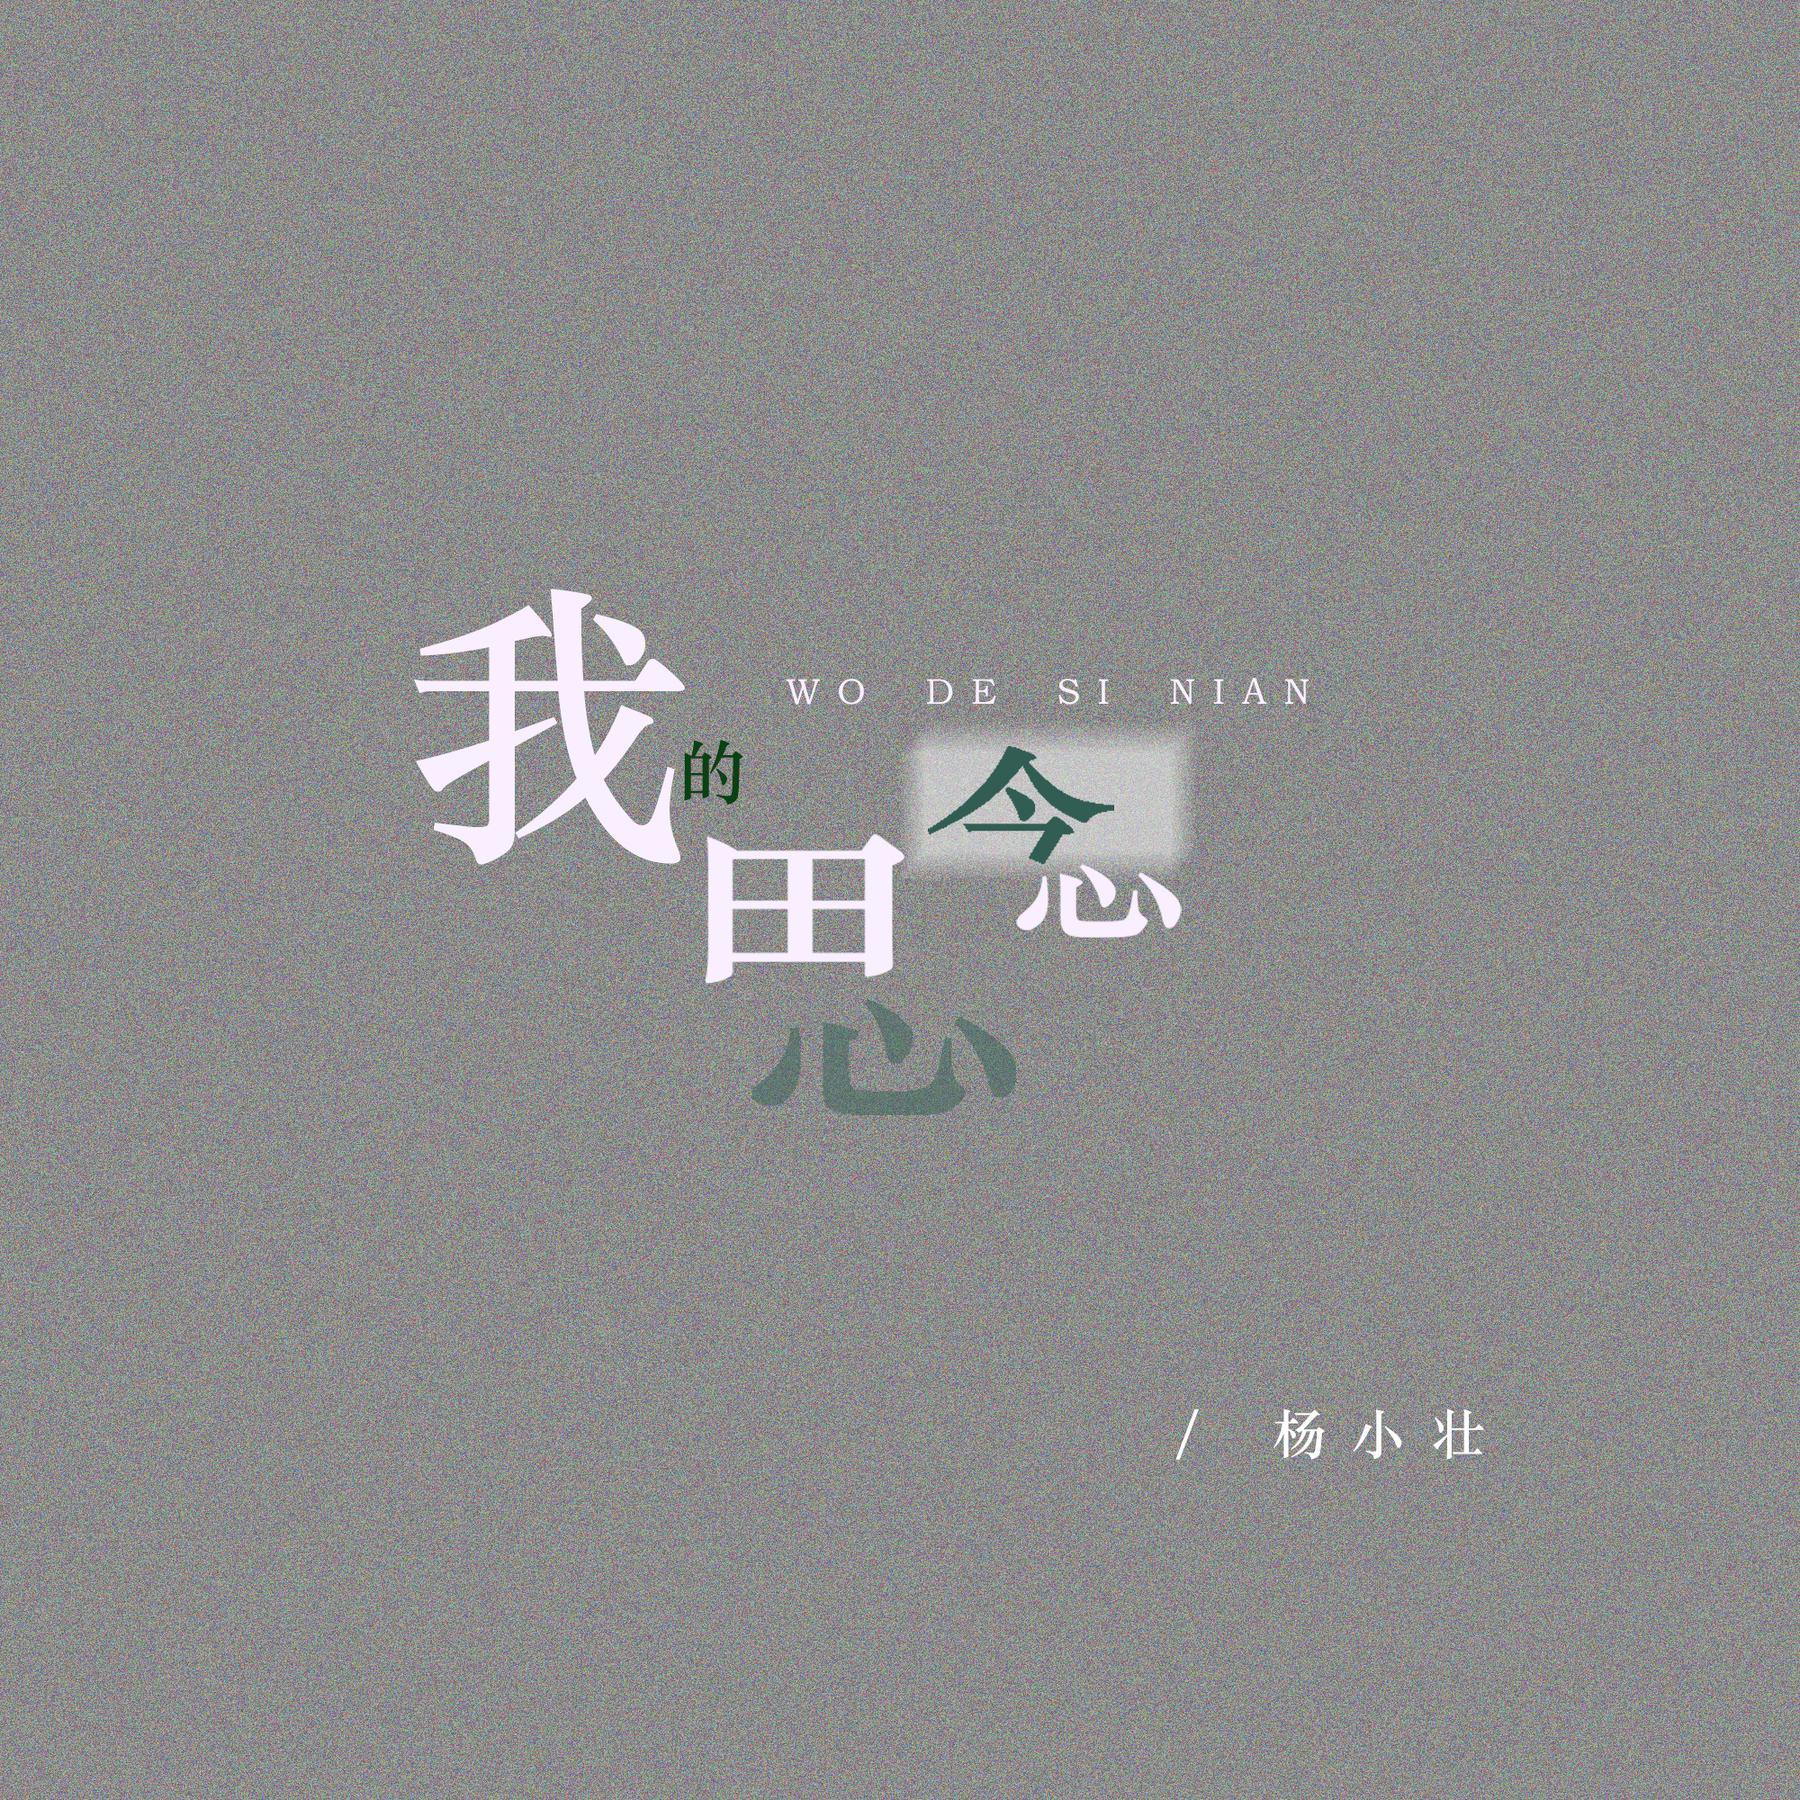 杨小壮 - 我的思念